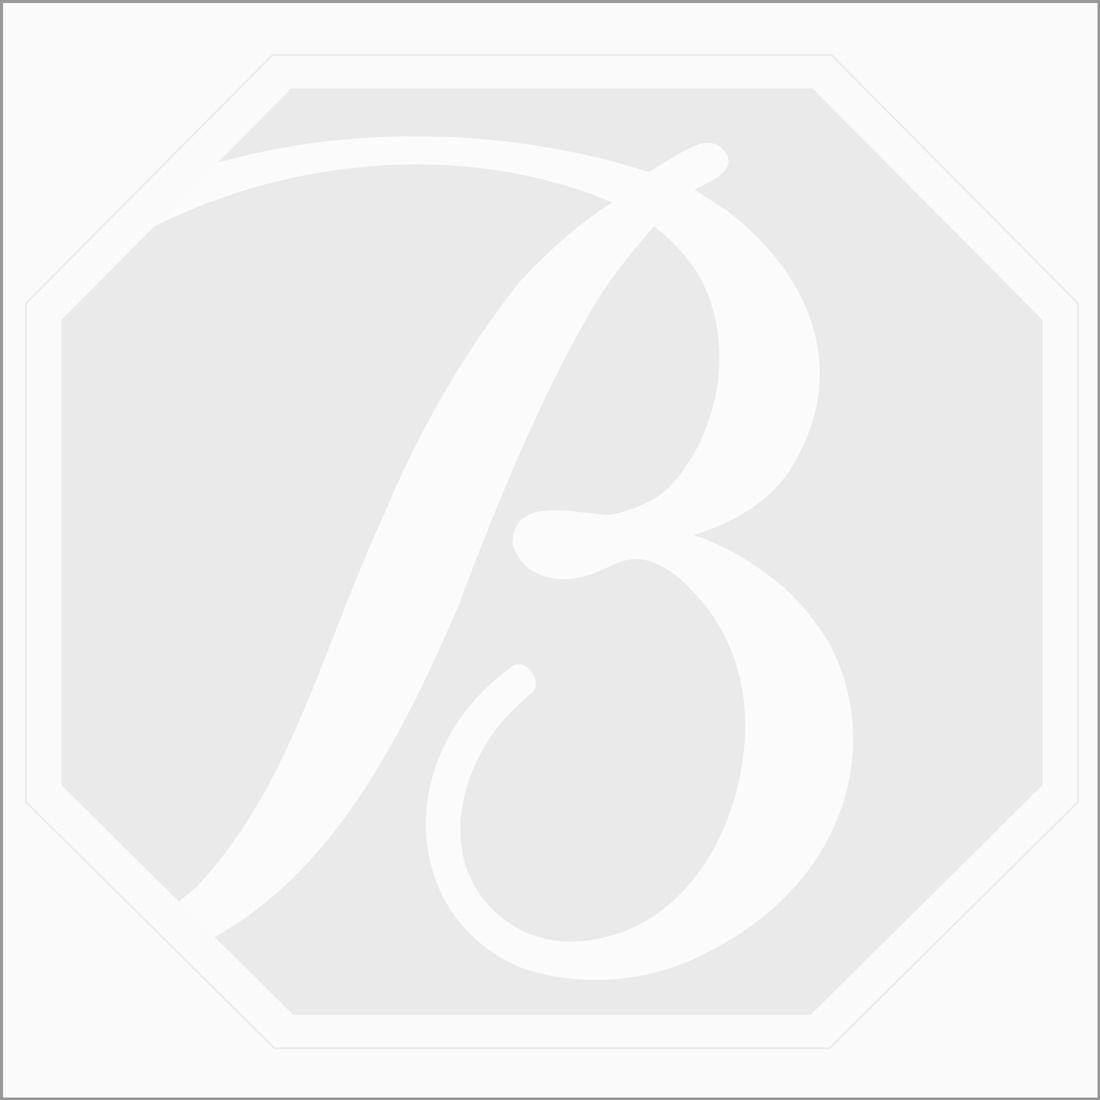 2 Pcs - Dark Green Tourmaline Rose Cuts - 6.8 ct. - 15.5 x 9.5 x 2.7 mm & 16 x 10 x 2.5 mm (TRC1037)